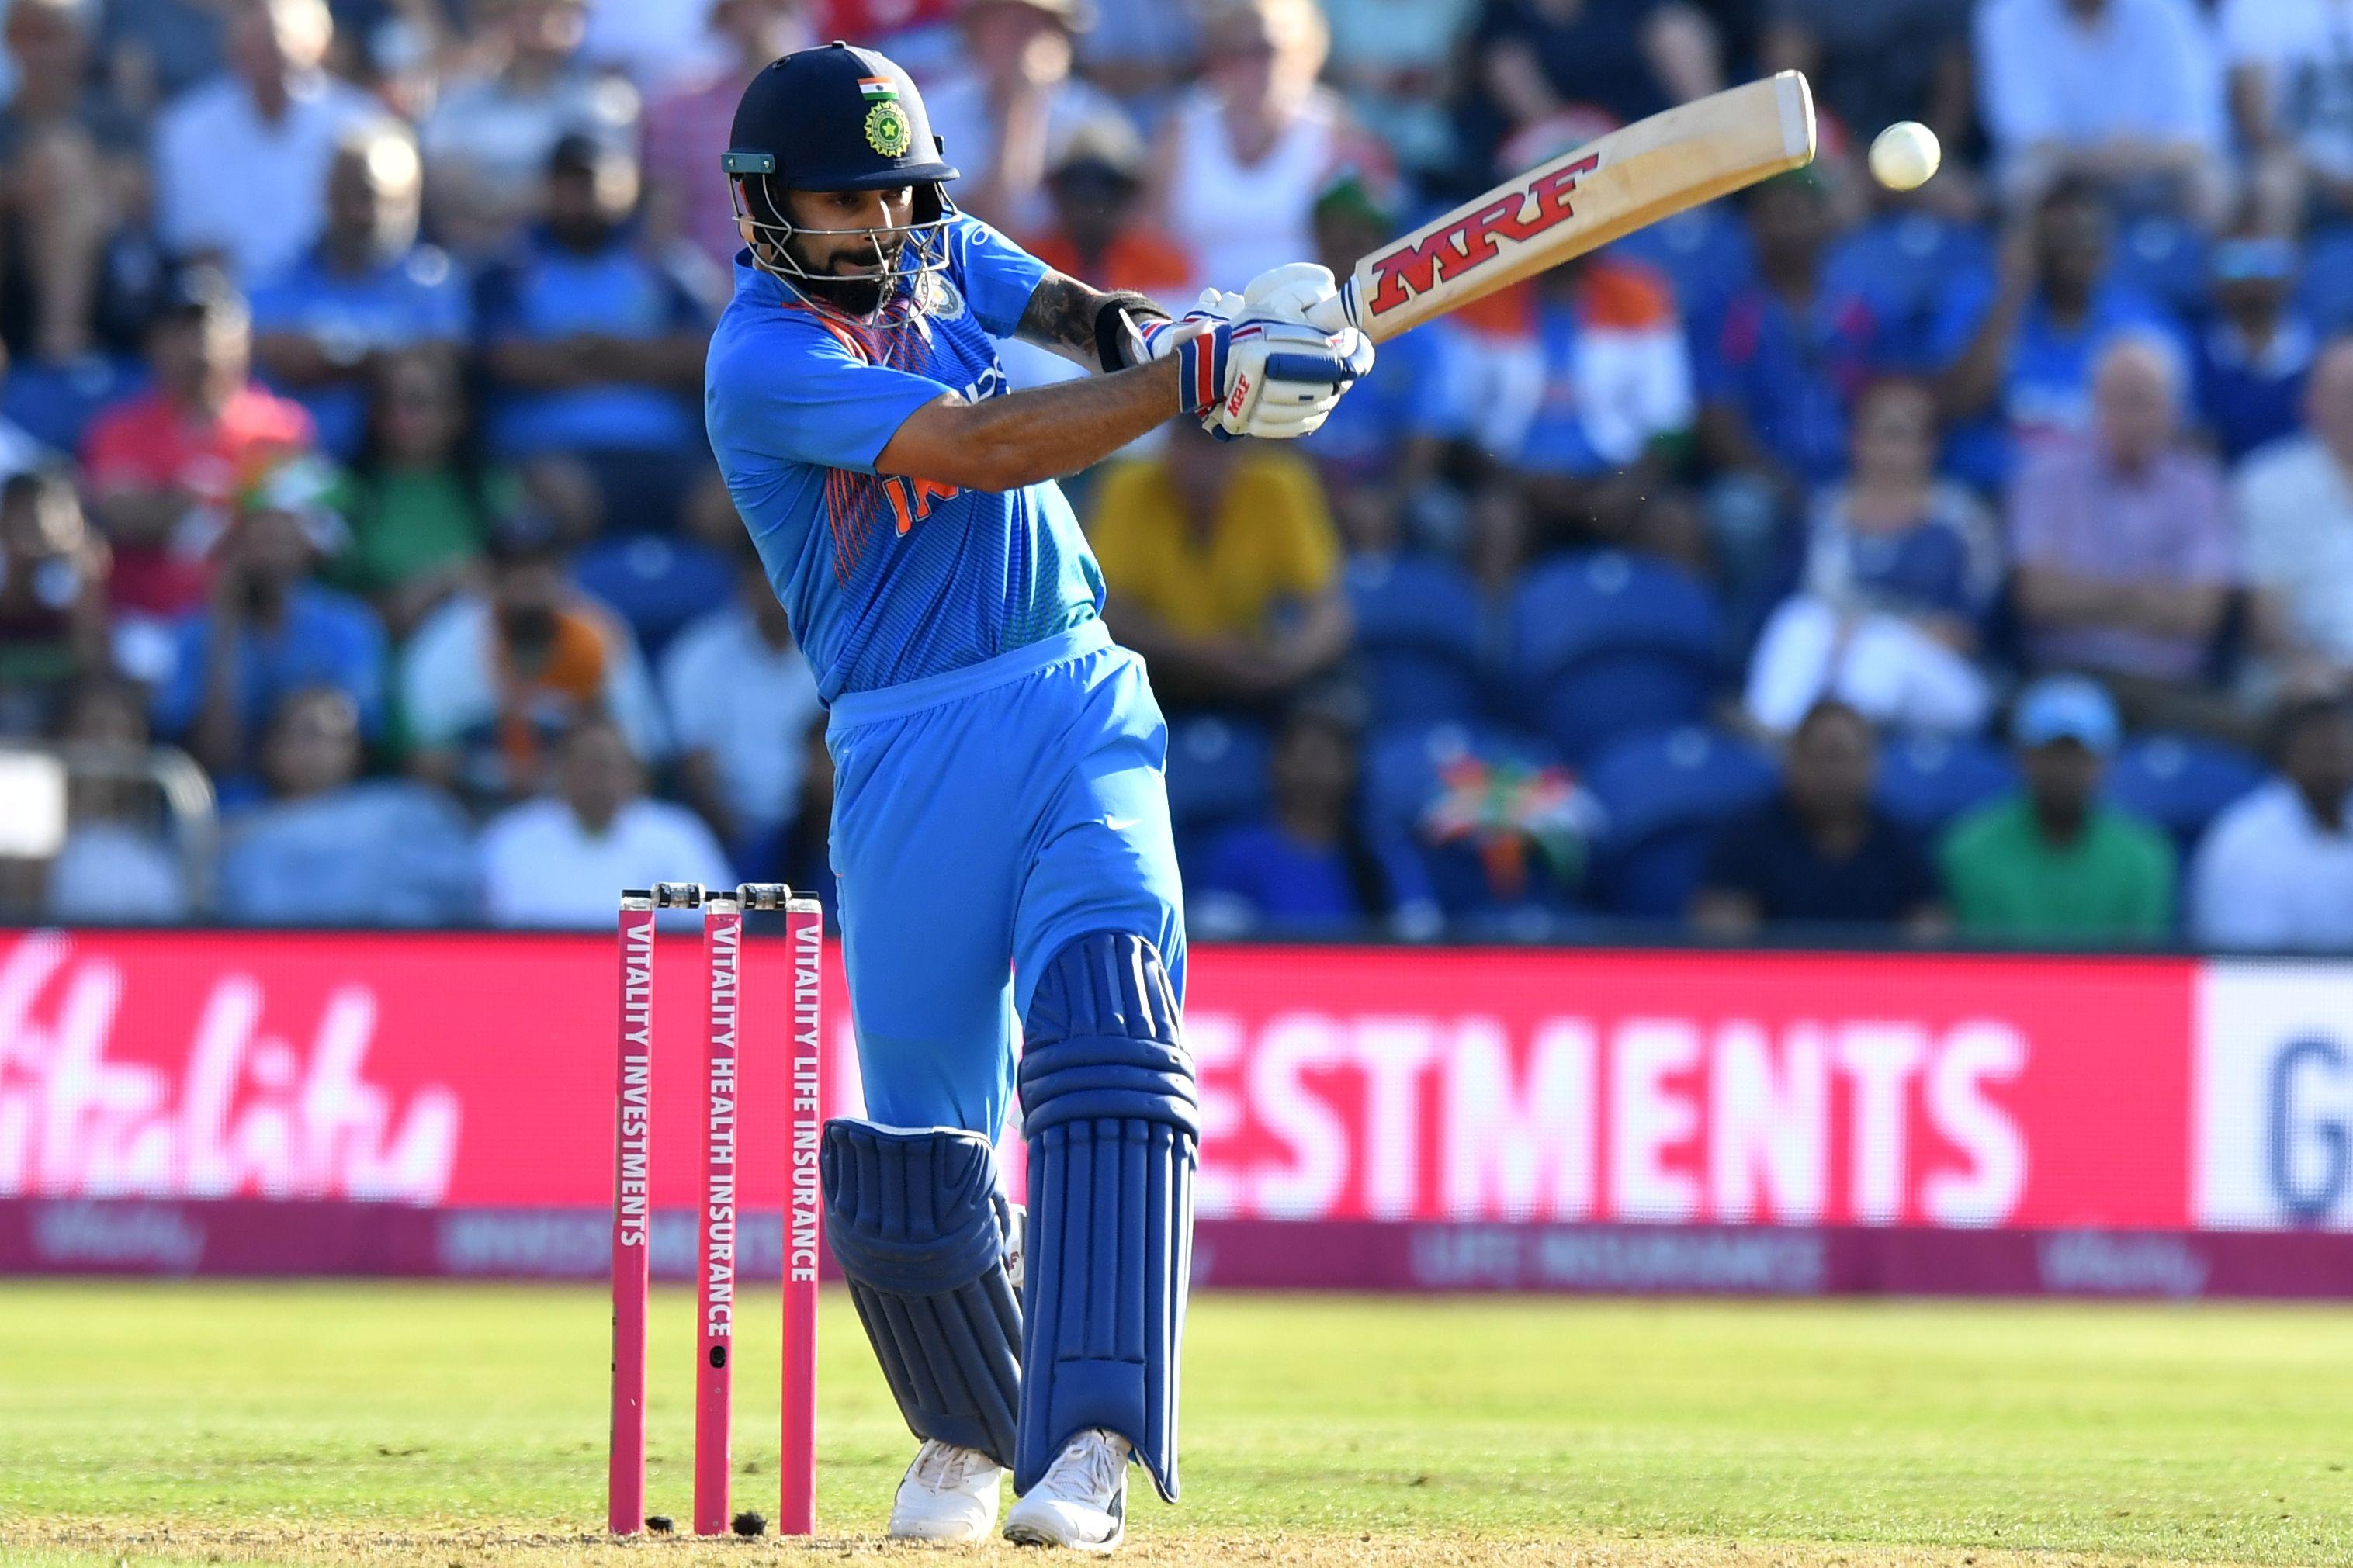 Virat Kohli T20 batting